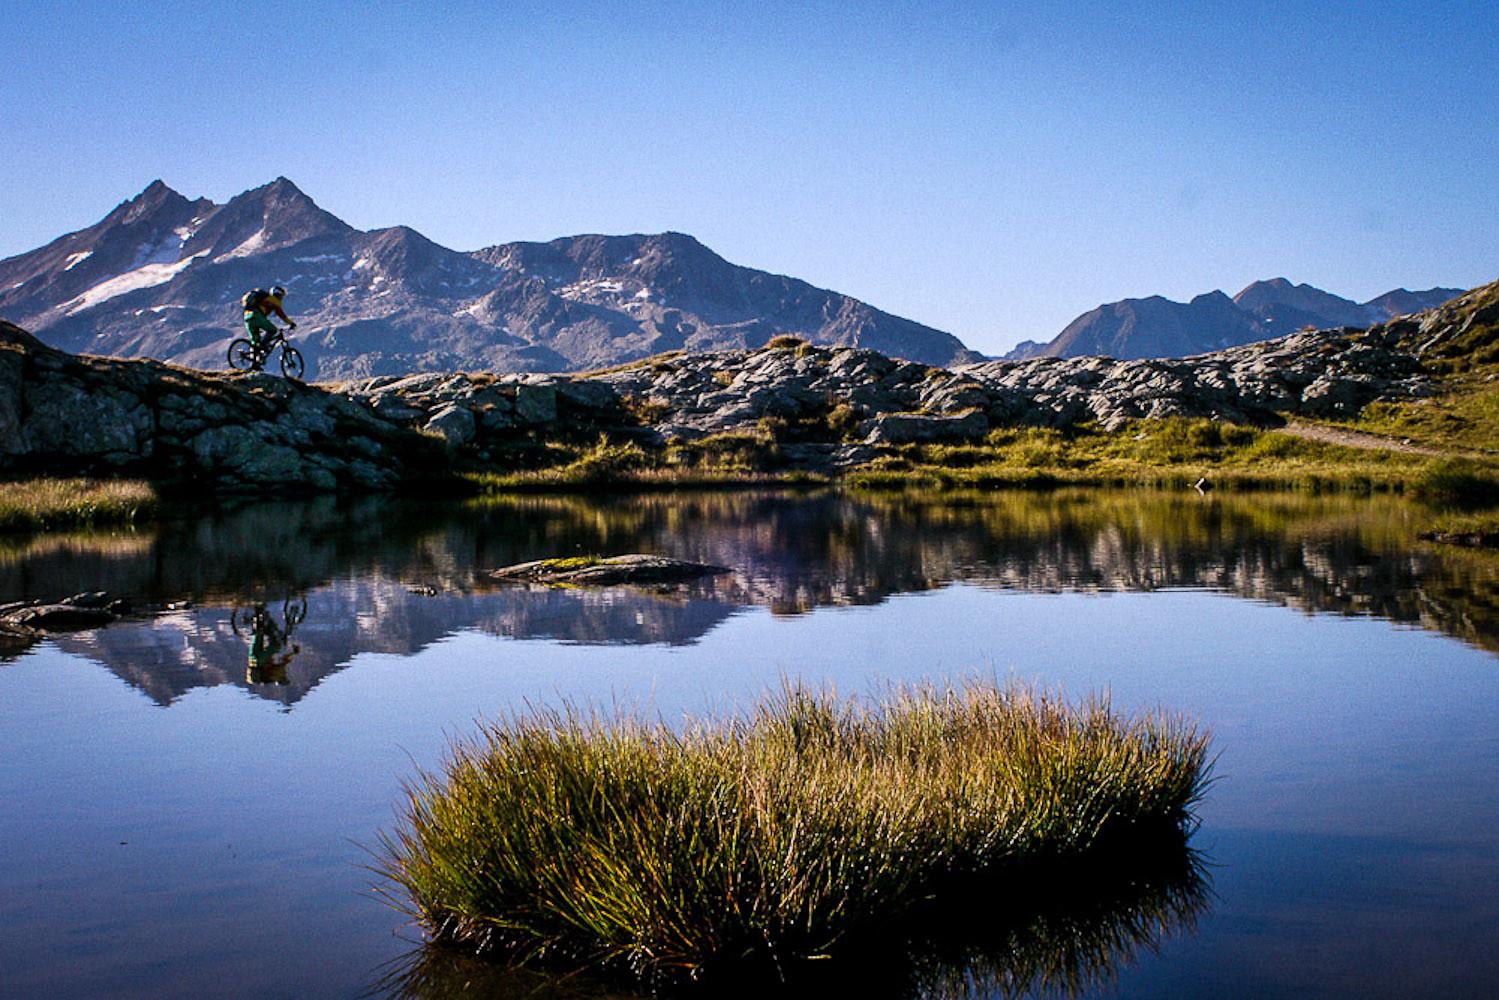 Grimselpass - Filme von Draussen - Mountain Biking Pictures - Vital MTB